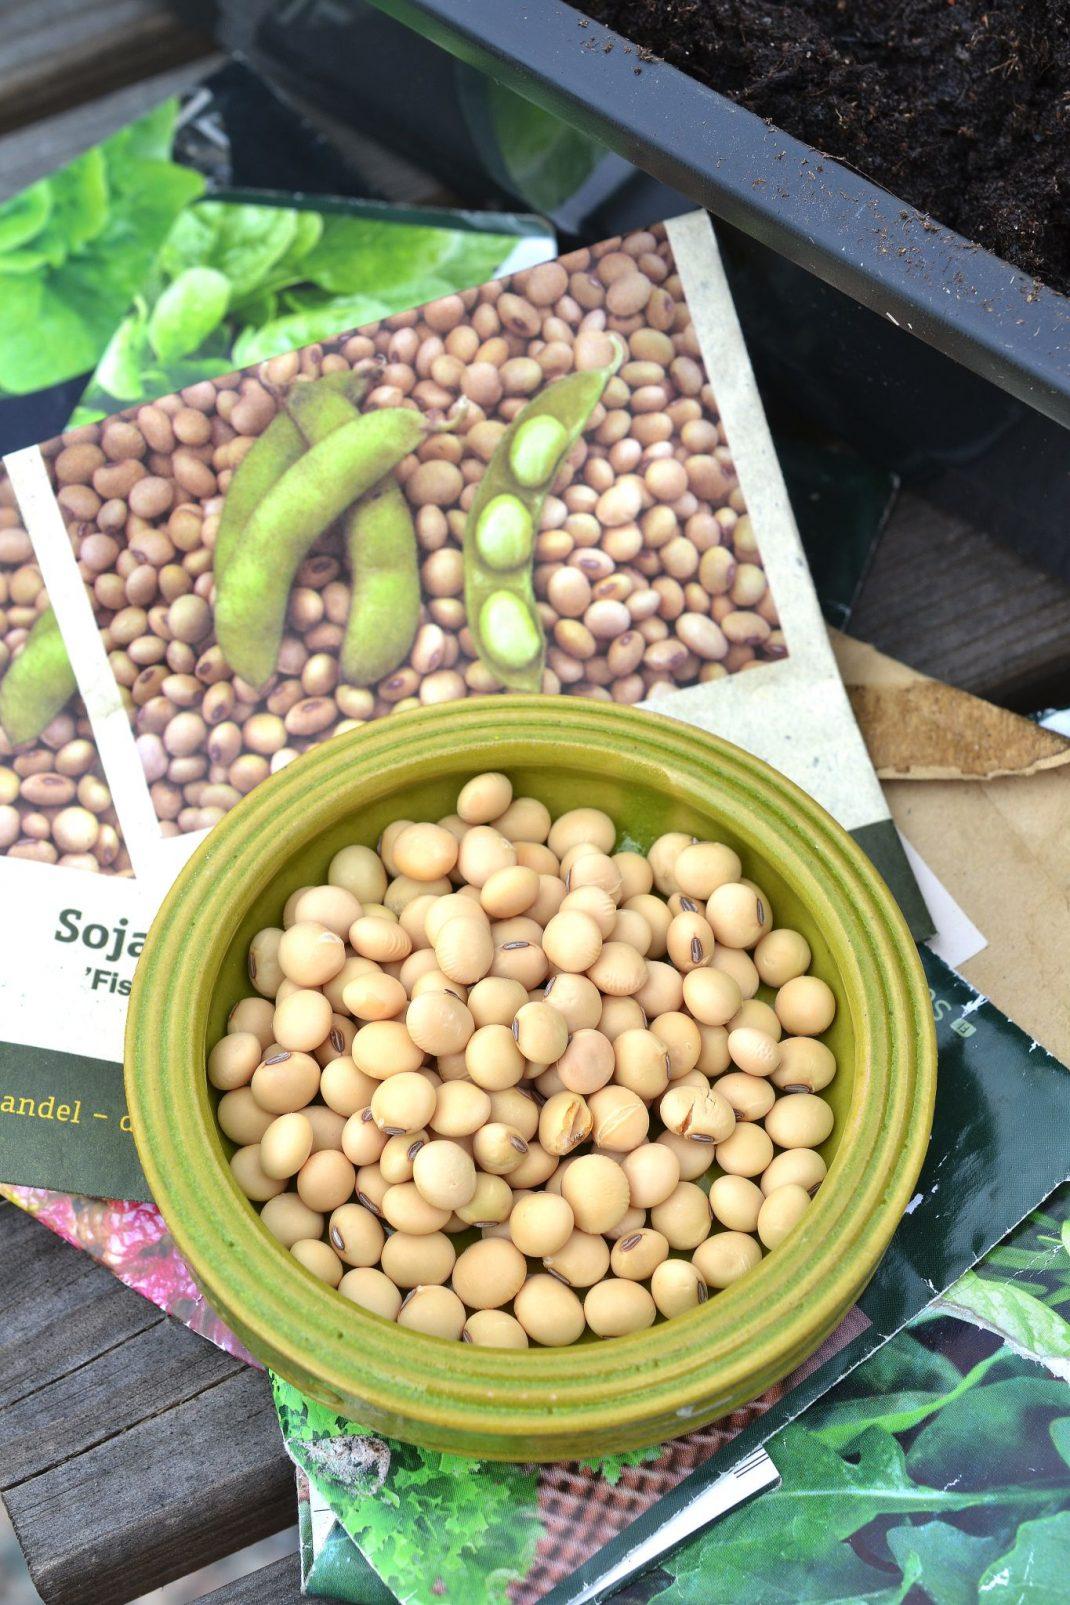 Odlar sojabönor, närbild på ljusa bönor i en grön skål.